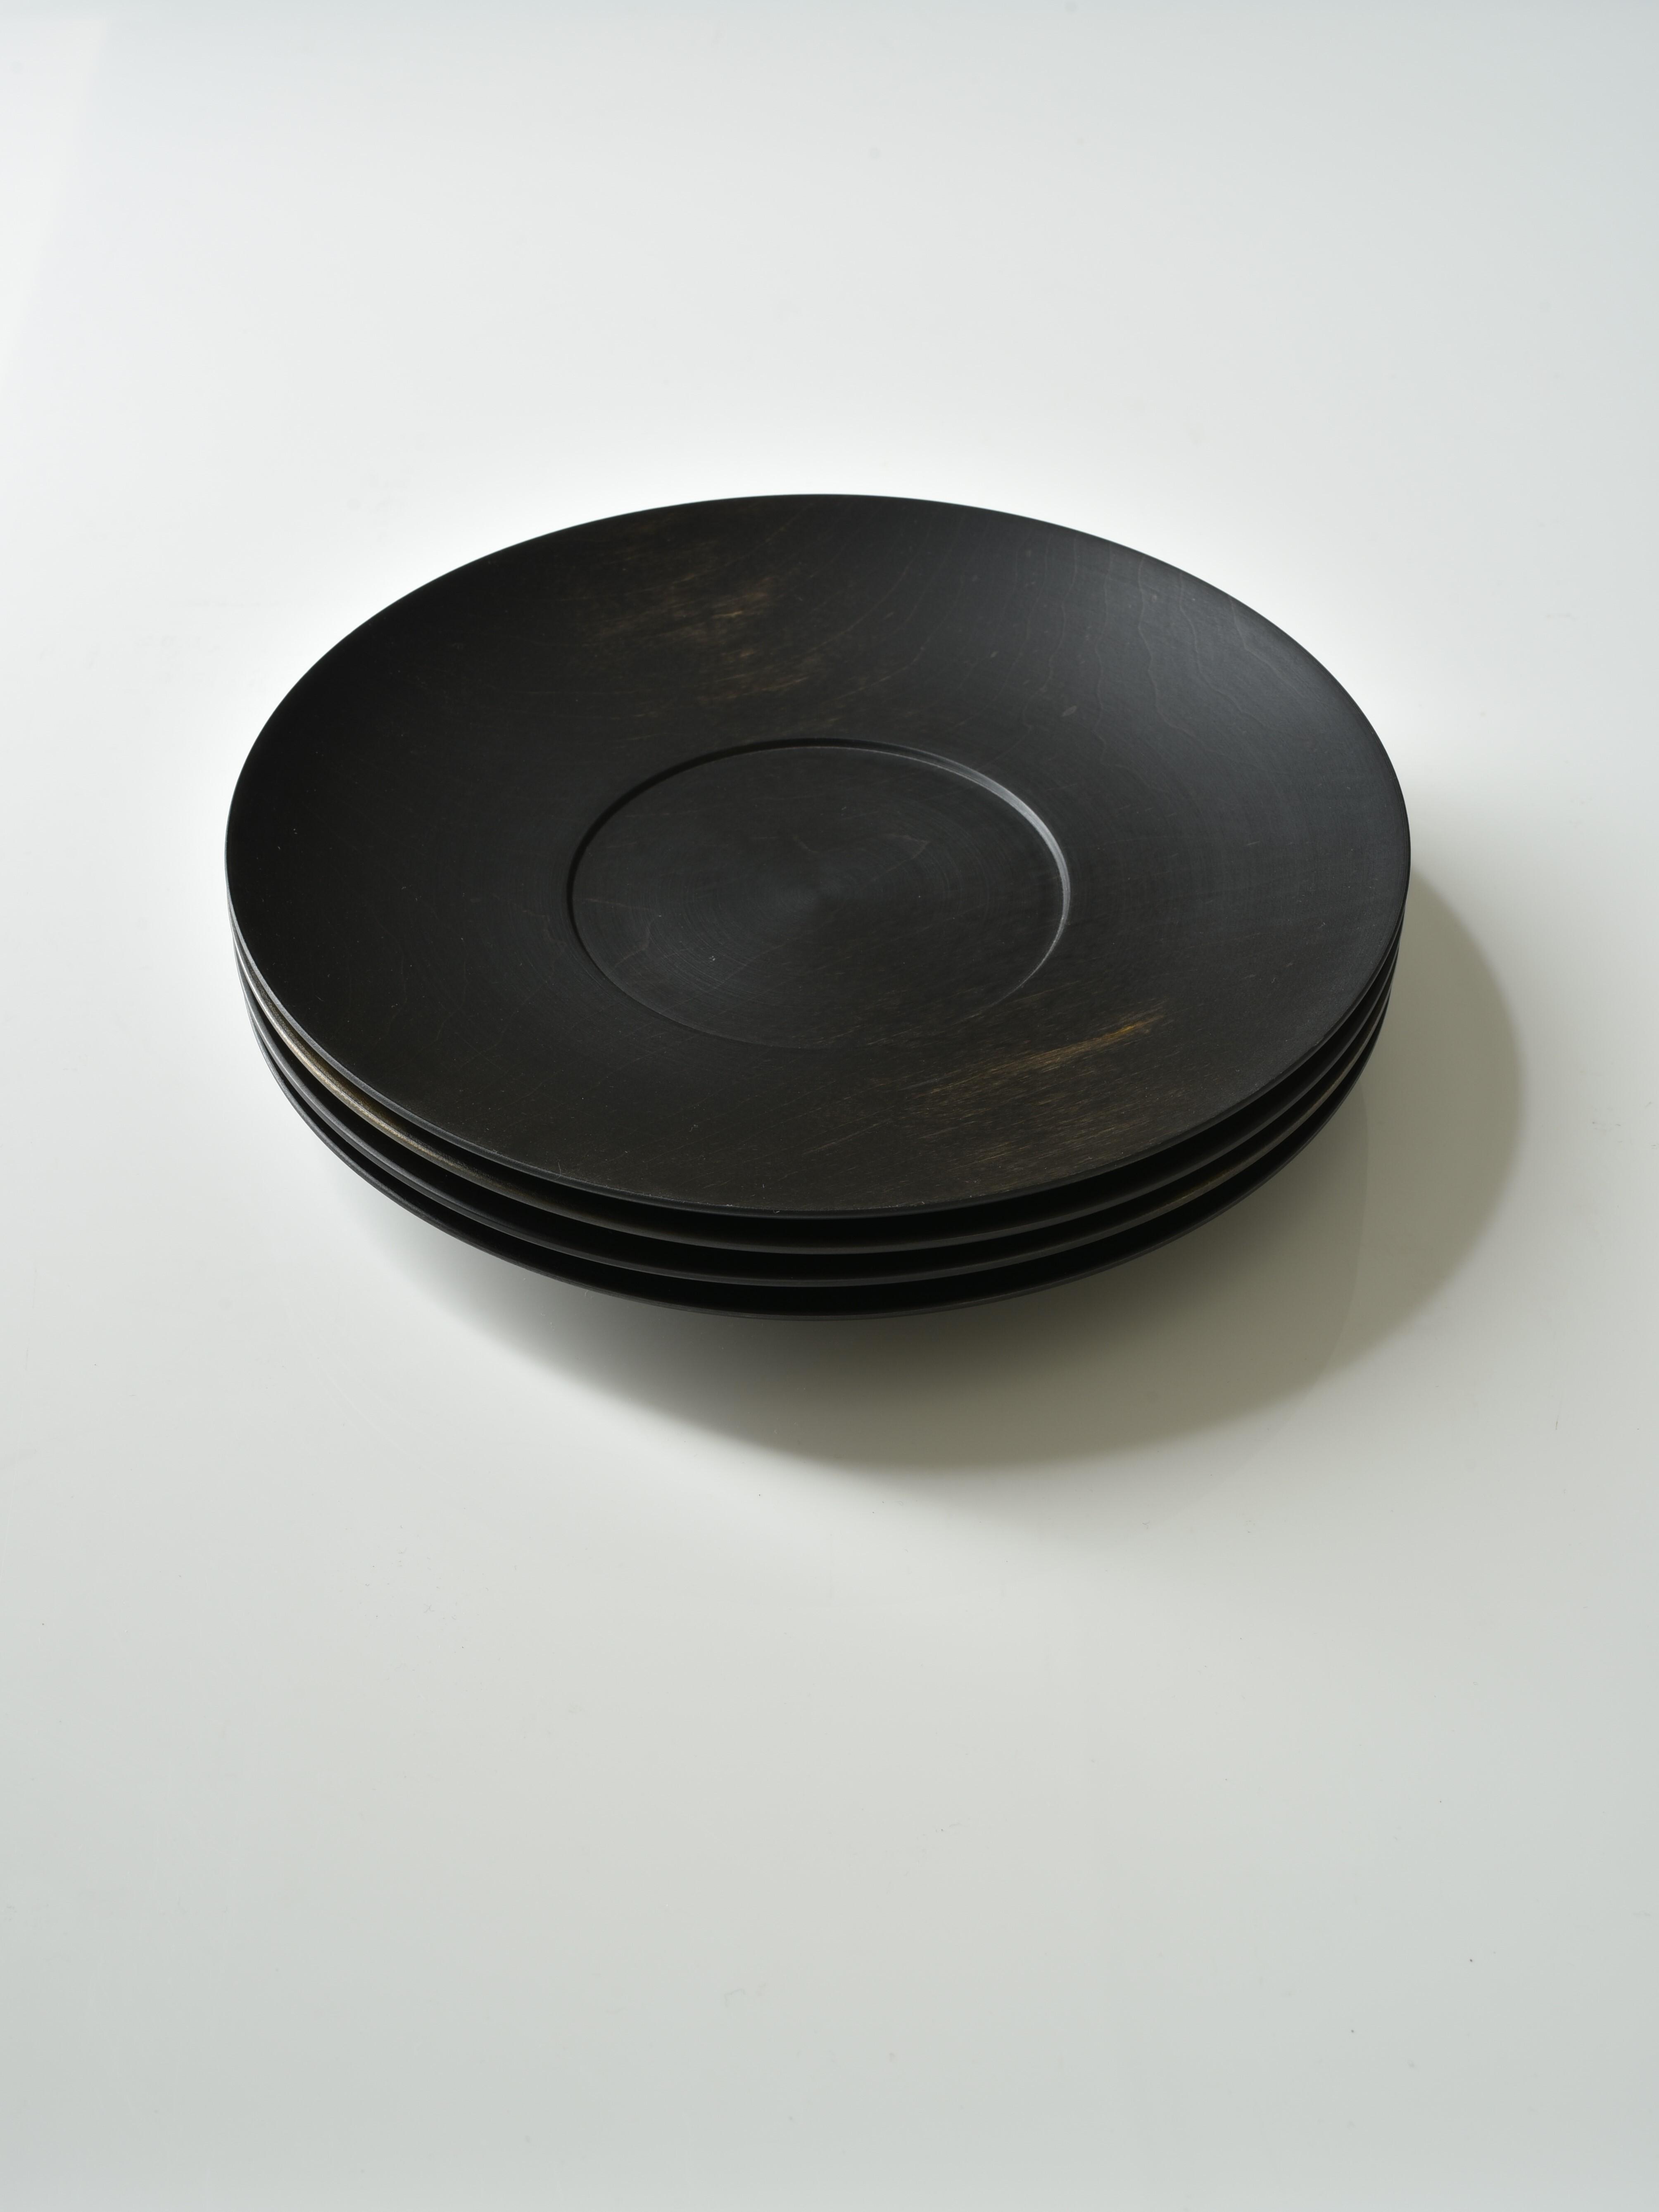 IFUJI BOXMAKER デルフトトレイL(三度黒)